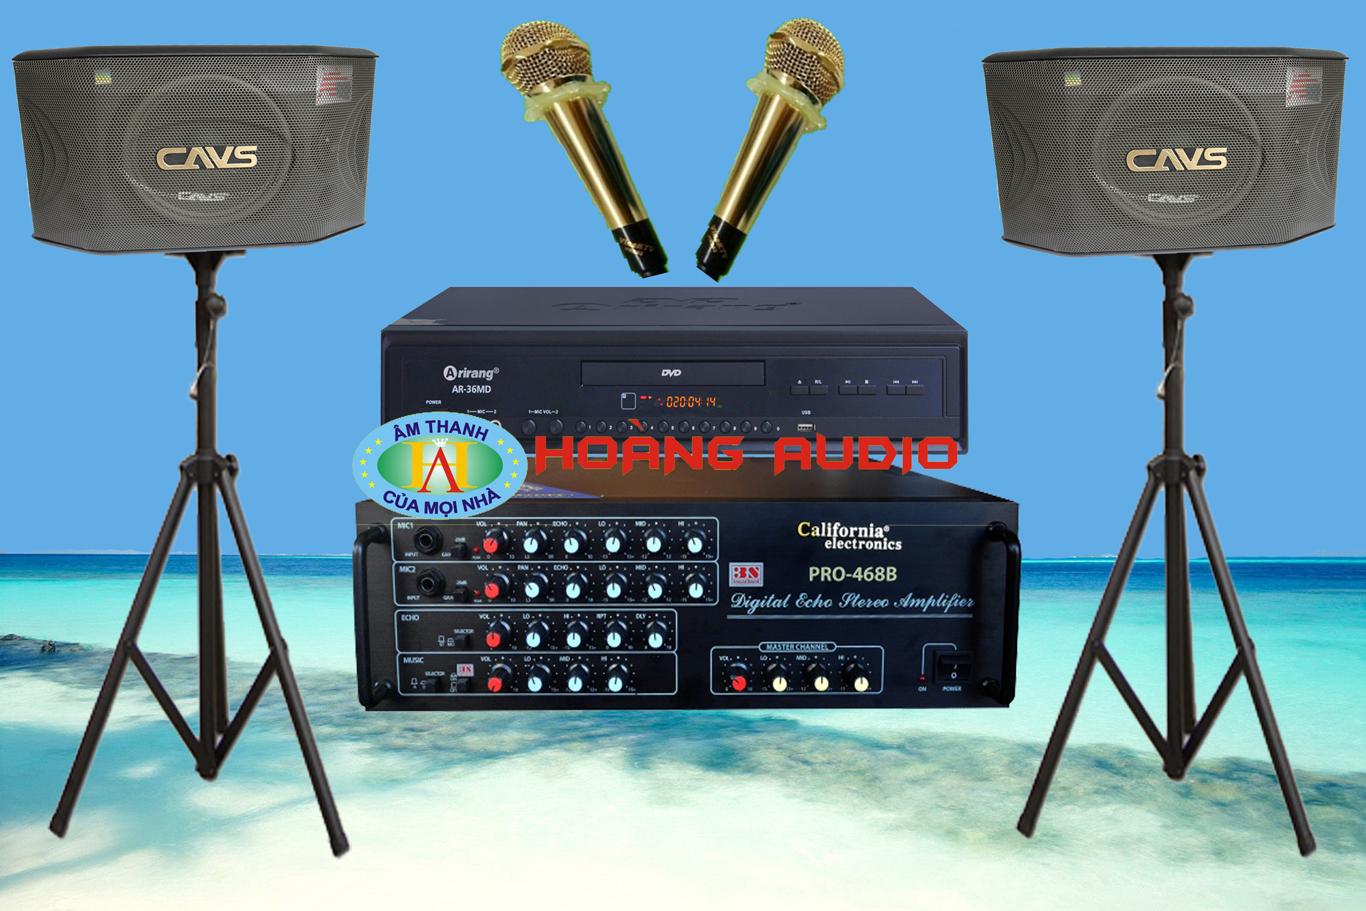 Thumbnail image for Bộ dàn karaoke gia đình HO 37